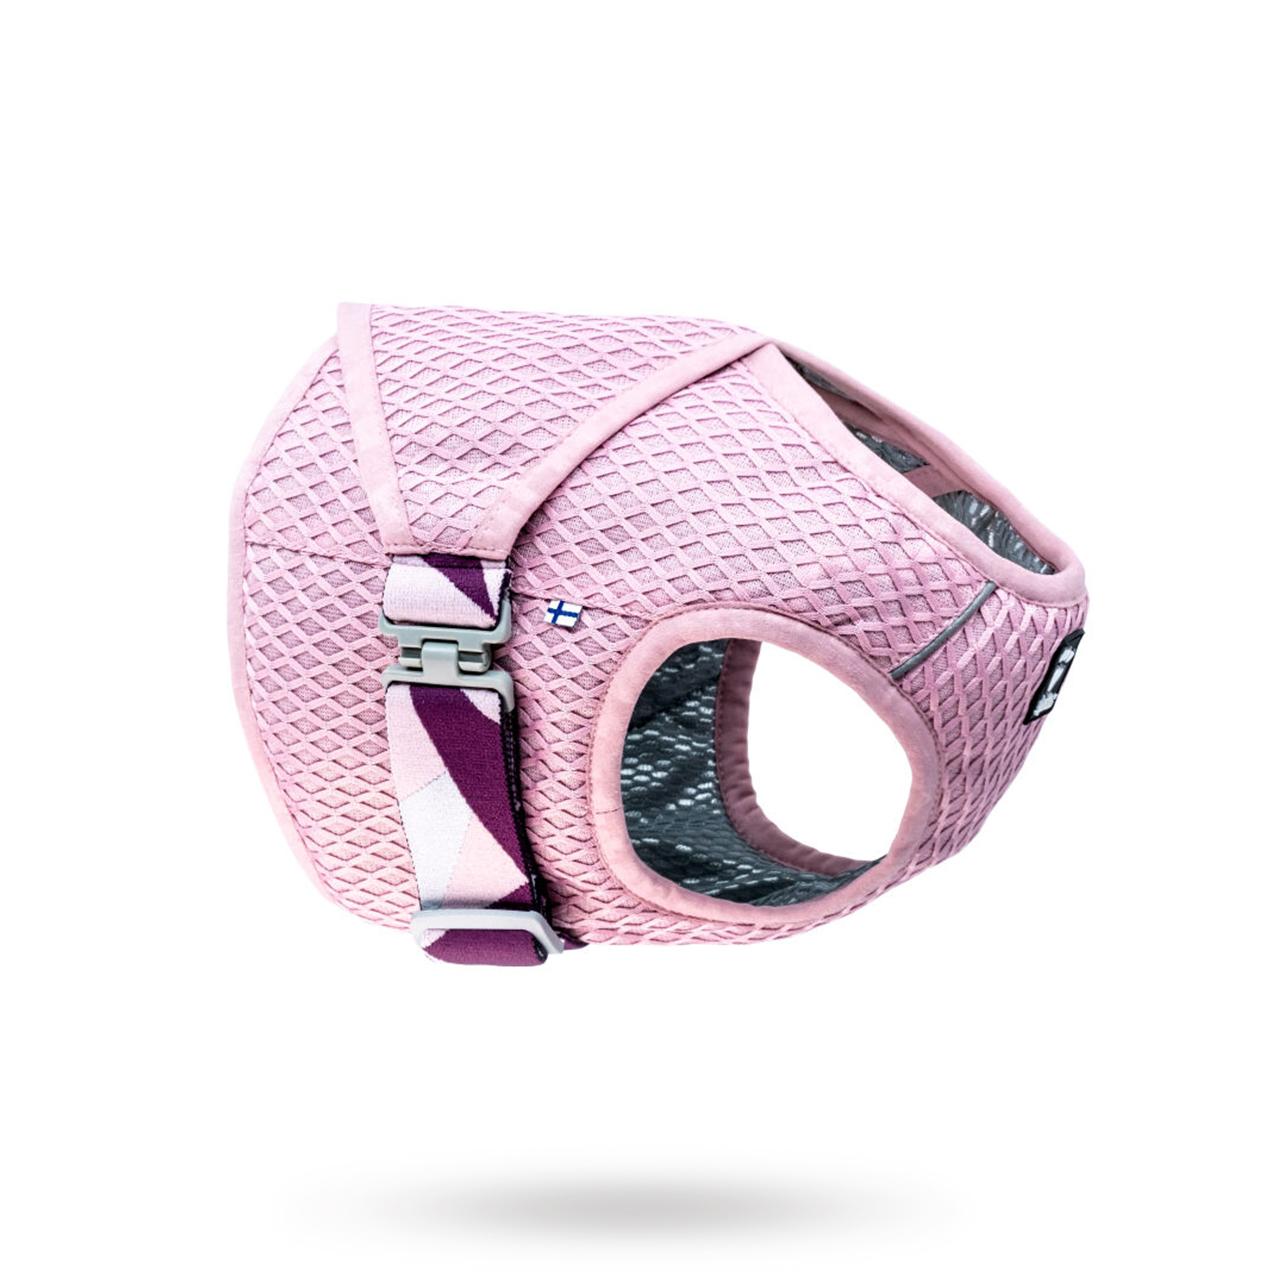 Cooling Wrap Kylväst - Carnation Pink